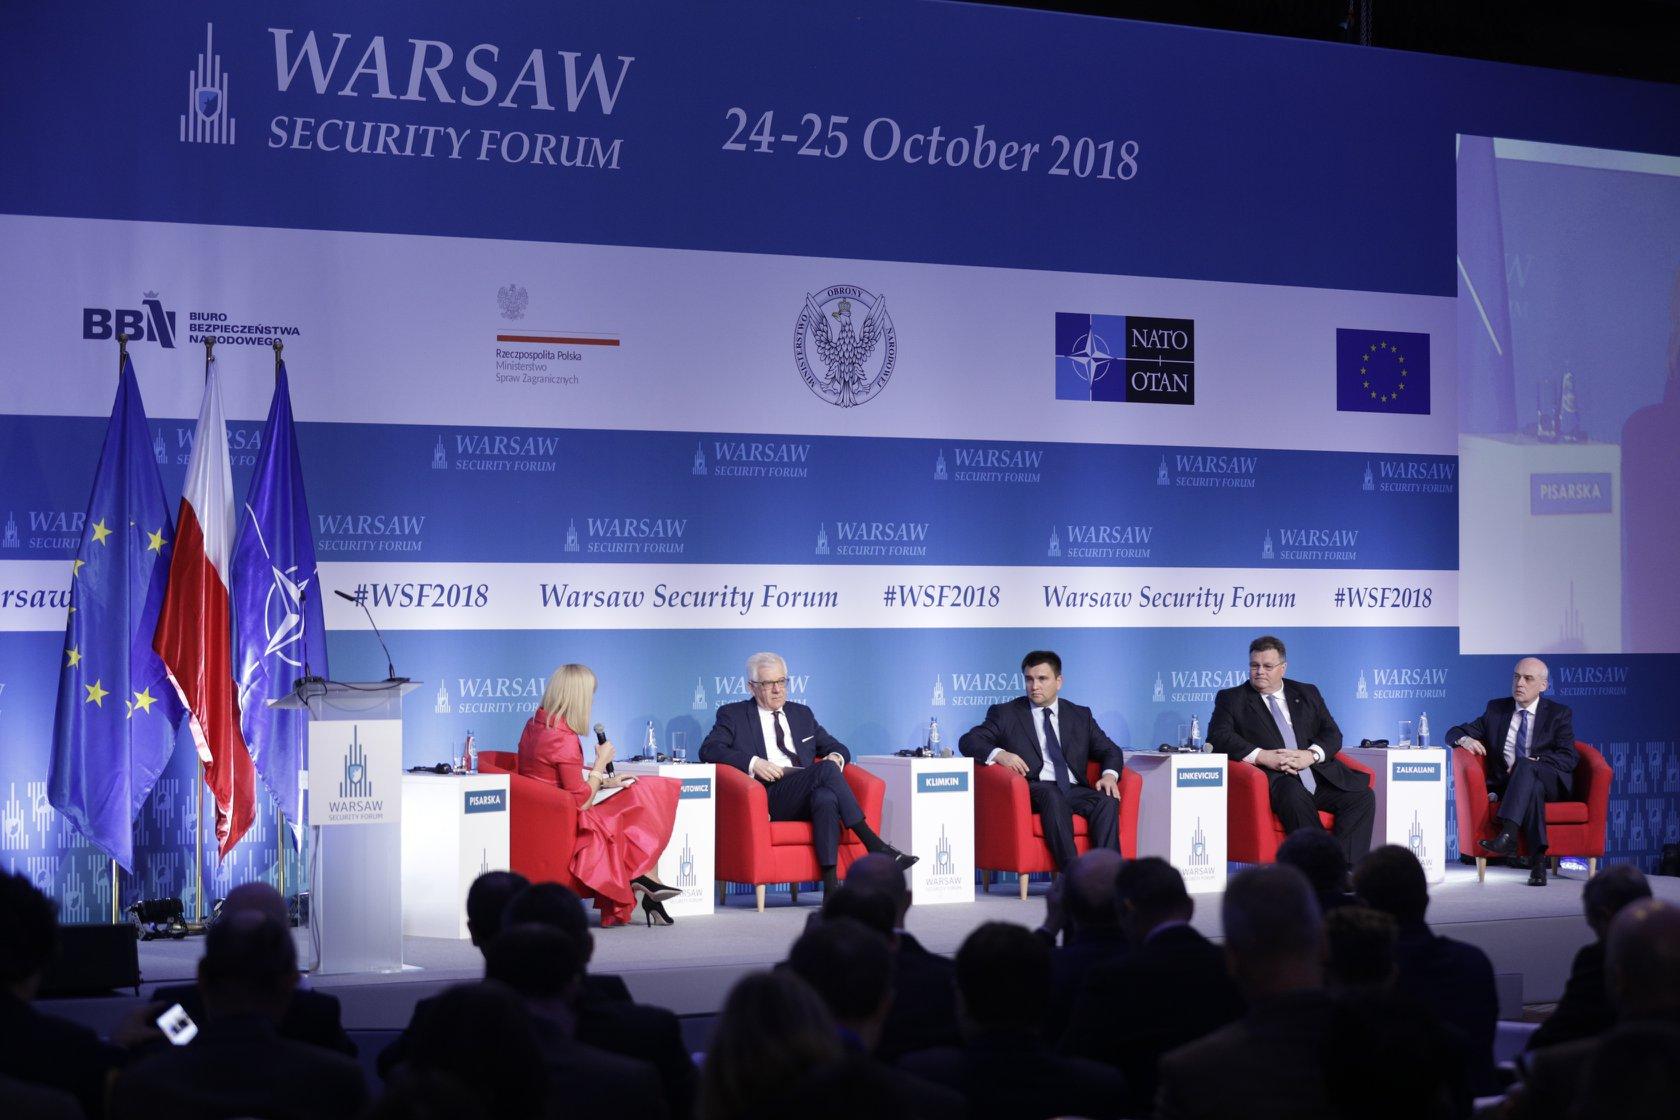 Warszawa stolicą bezpieczeństwa – zakończyło się Warsaw Security Forum